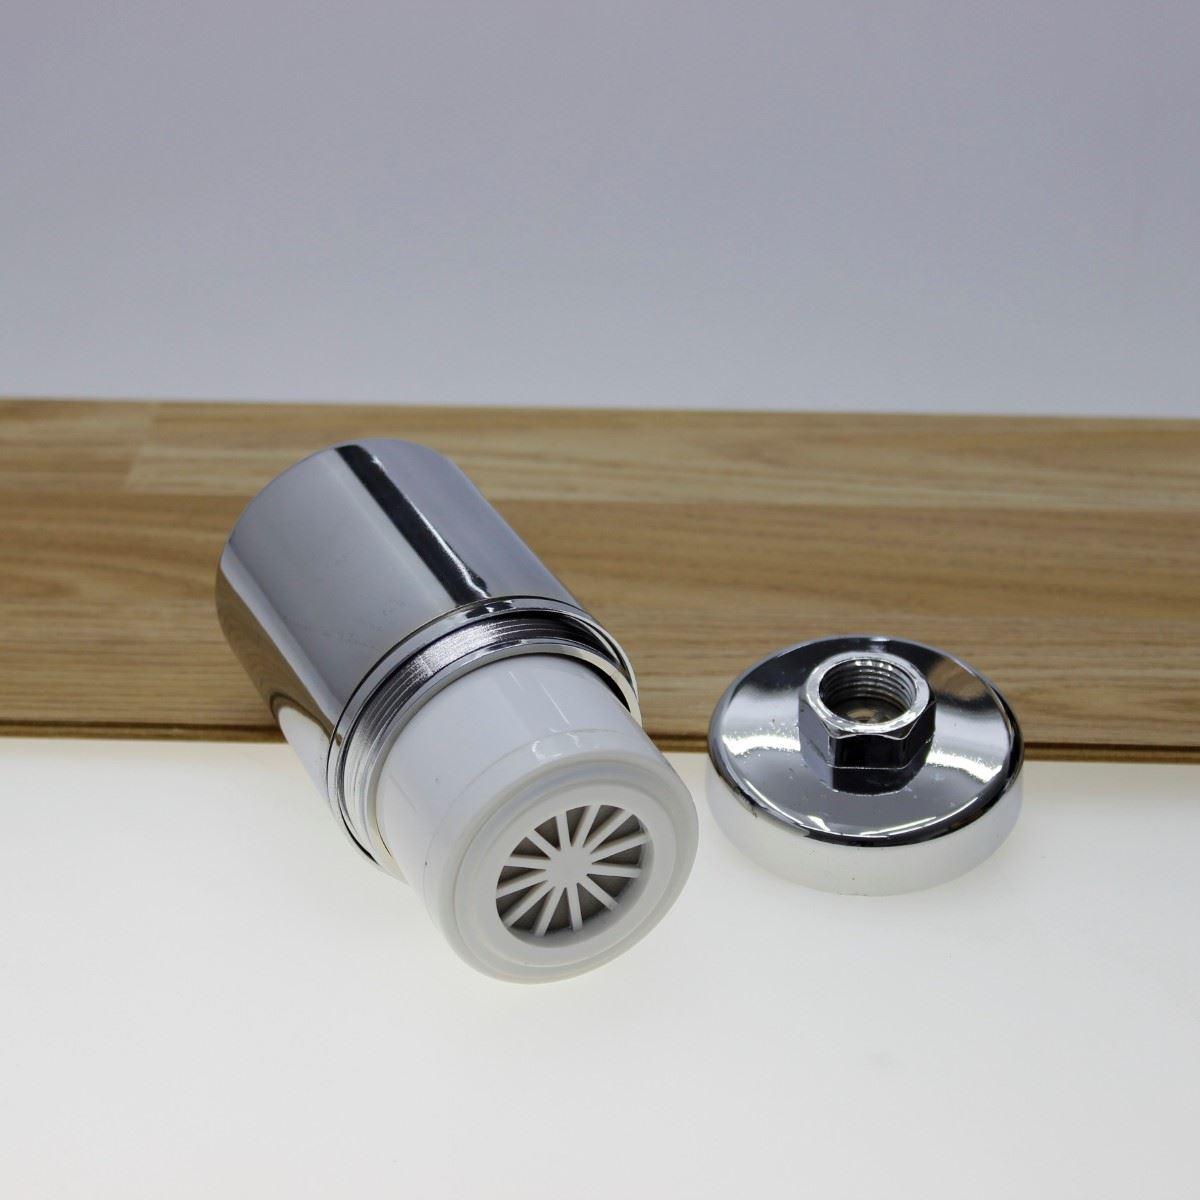 150116 hair skin shower head water filter chlorine remover ebay. Black Bedroom Furniture Sets. Home Design Ideas